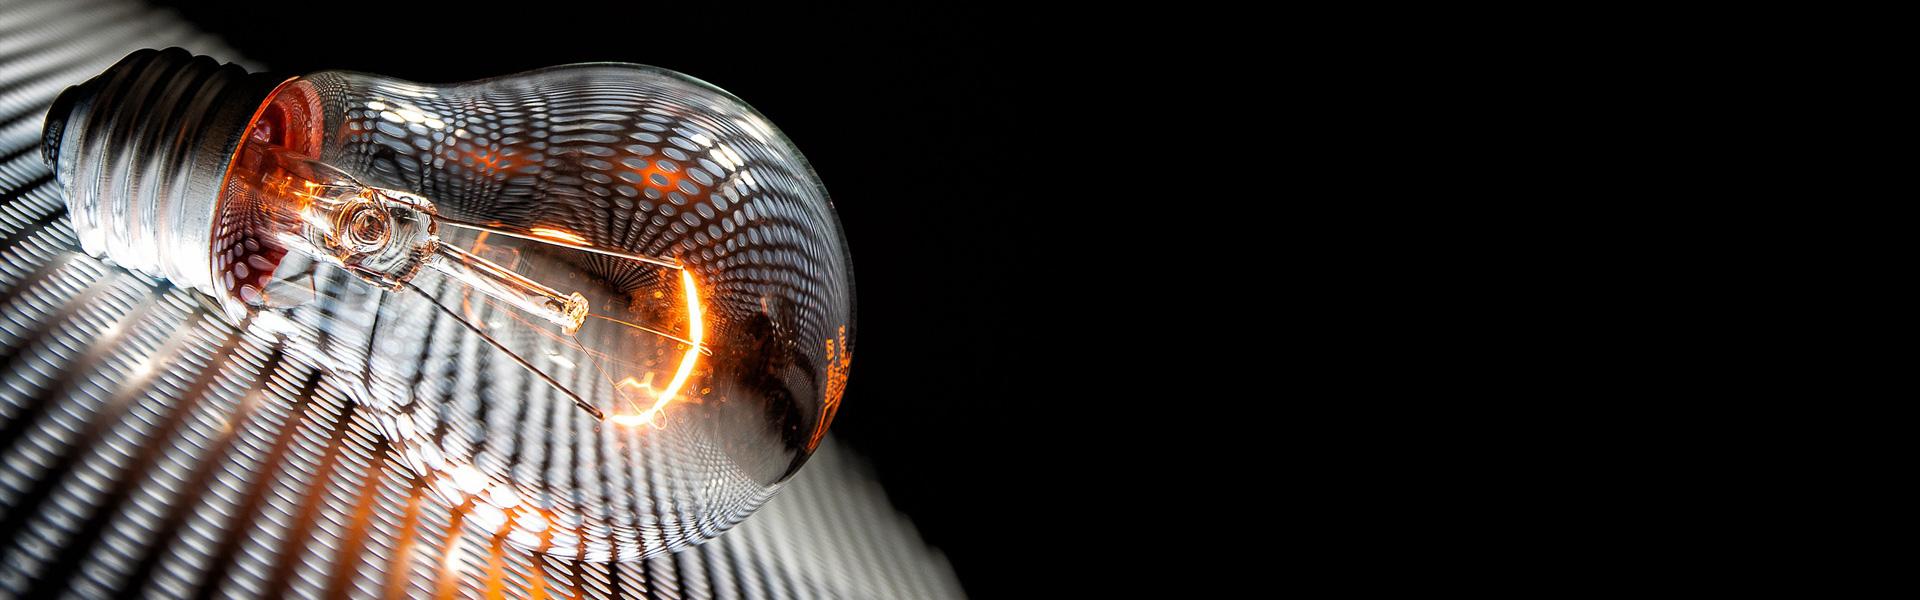 Beleuchtungstechnik und Lichtplanungen Beleuchtungstechnik Lichtplanungen und Spezielle Beleuchtungen